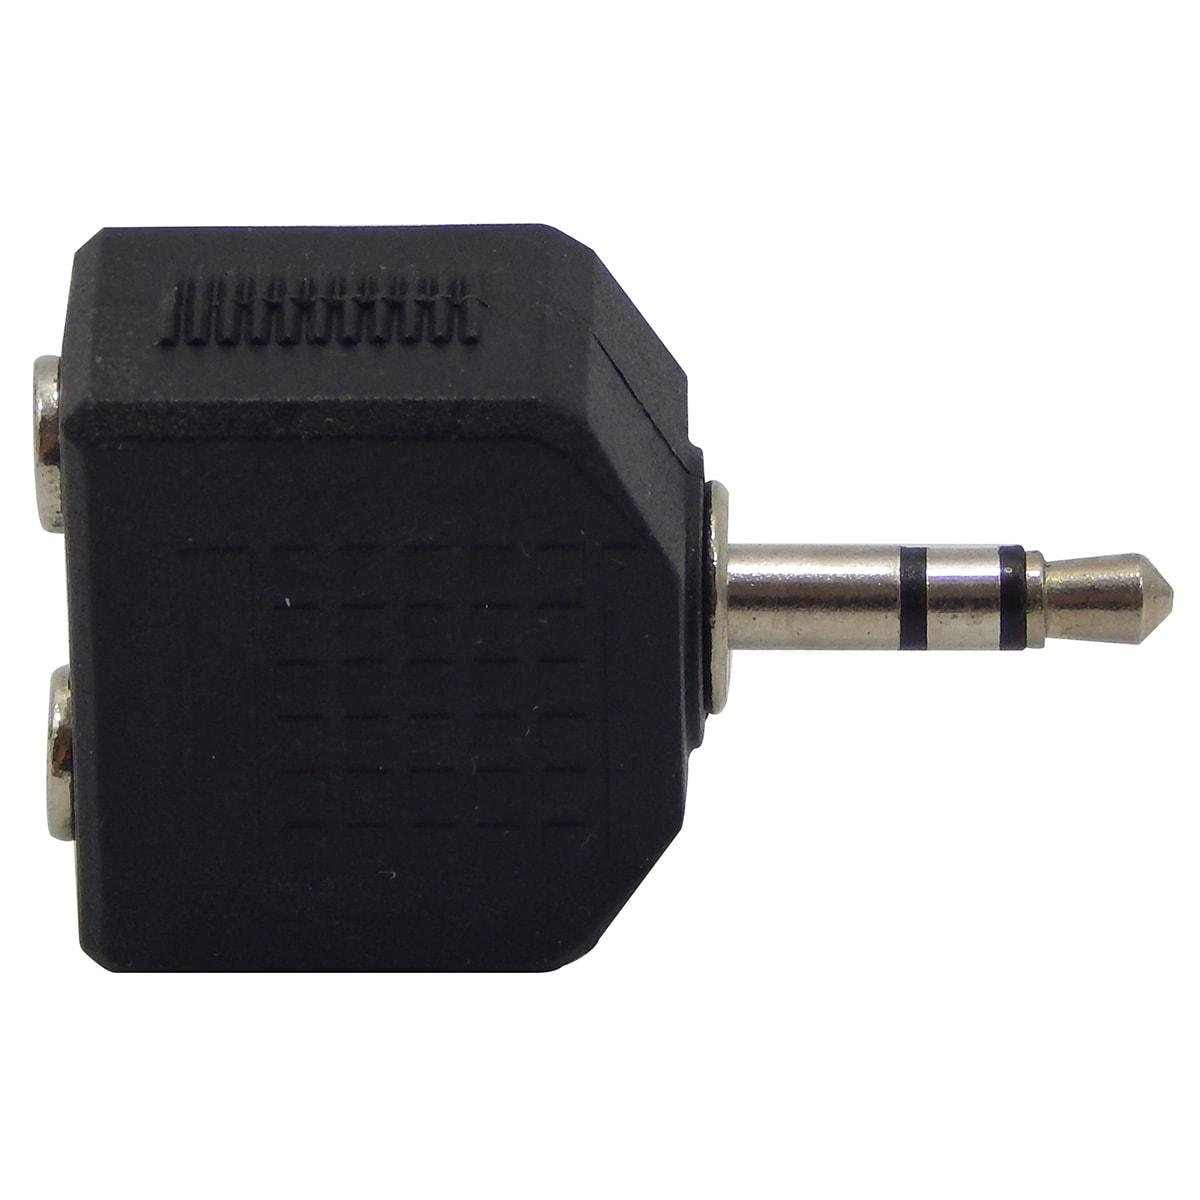 Adaptador de Áudio P2 3,5mm Macho p/ 2 x P2 3,5mm Fêmea